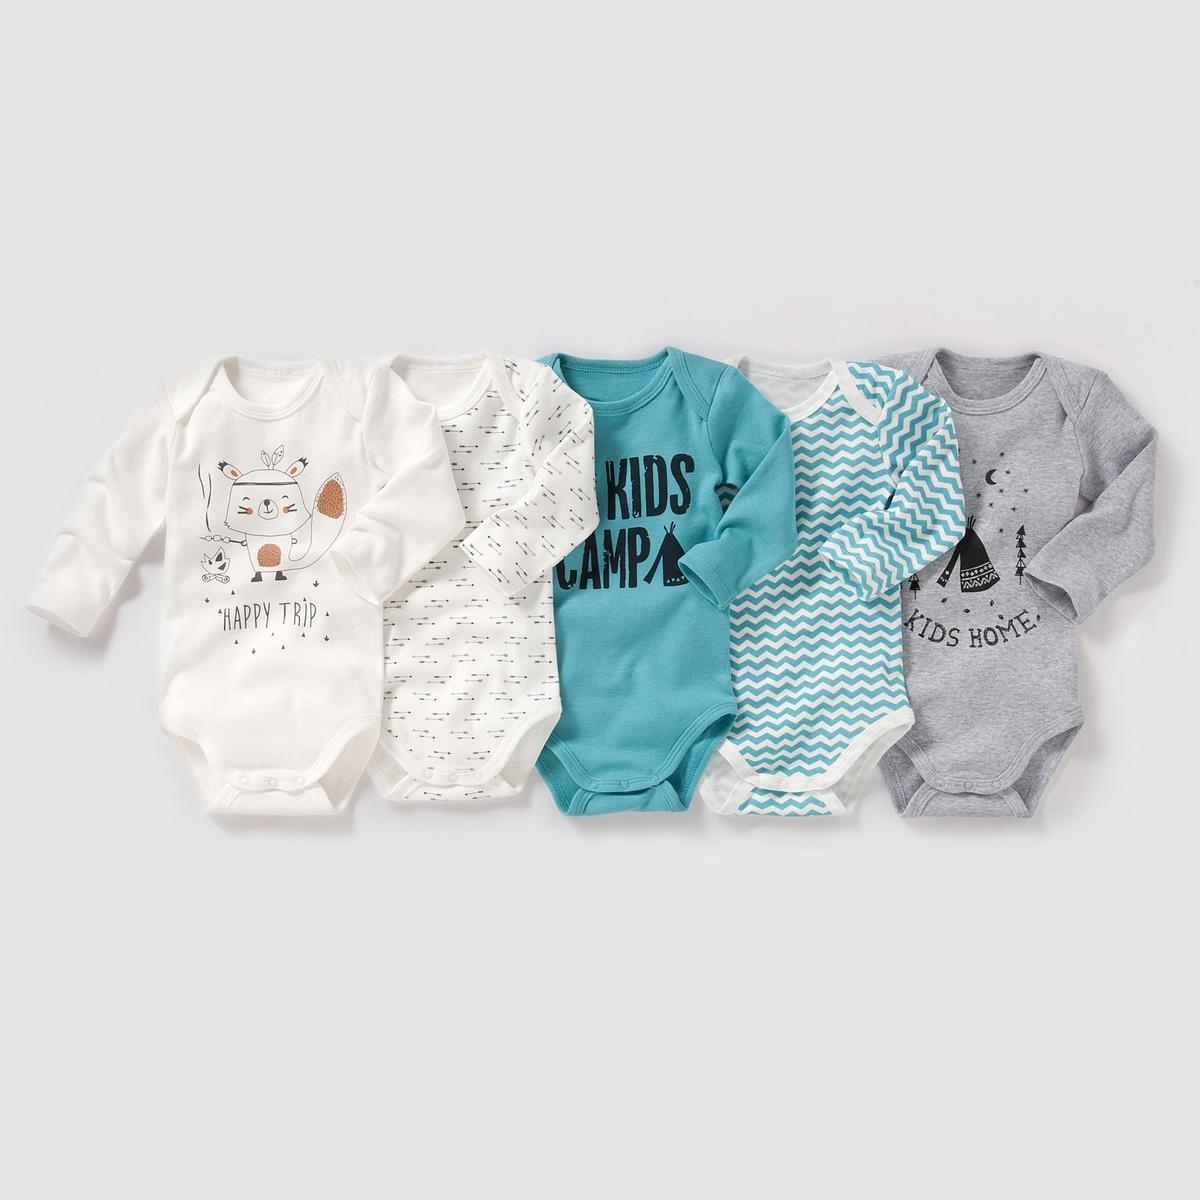 Комплект из 5 боди с длинными рукавами на возраст от 0 месяцев до 3 лет.